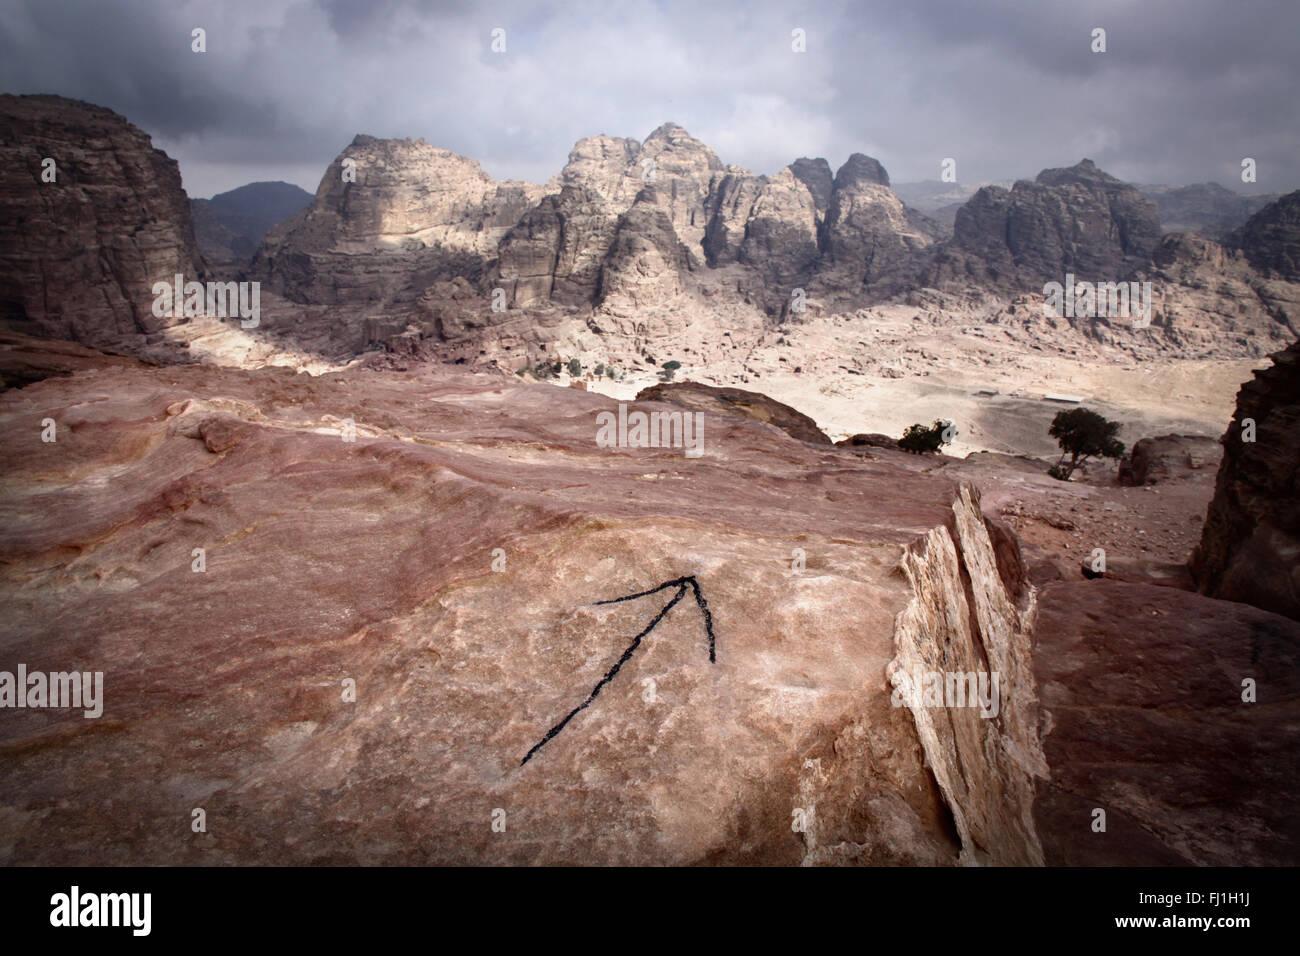 Pfeil gemalt auf Rock zeigt einen Weg auf Jebel al-Madhbah, ein Berg auf der Website von Petra, Jordanien Stockbild